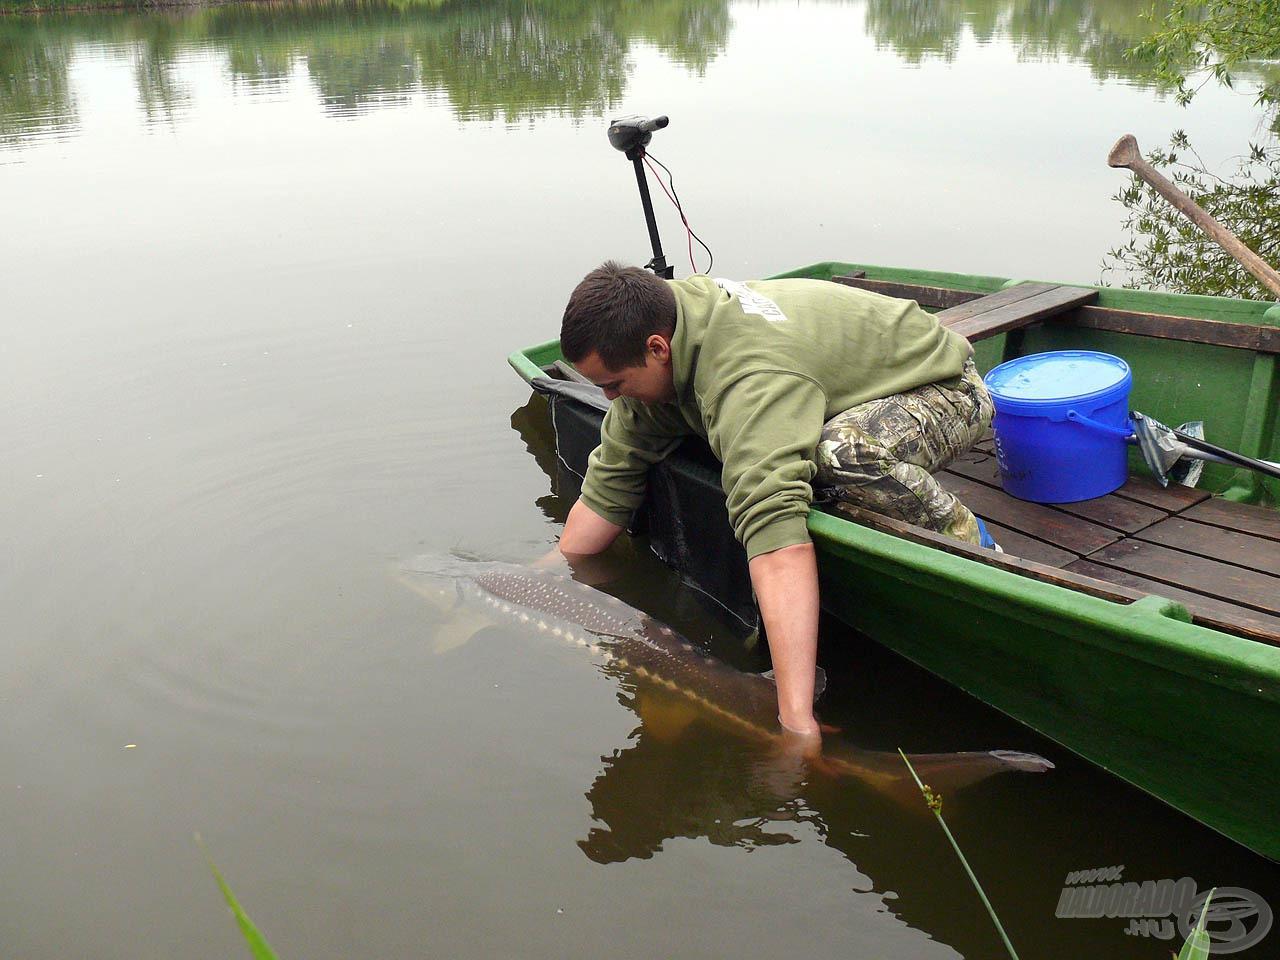 Természetesen nagy odafigyeléssel kell szabadon engedni ezt a gyönyörű halat is!